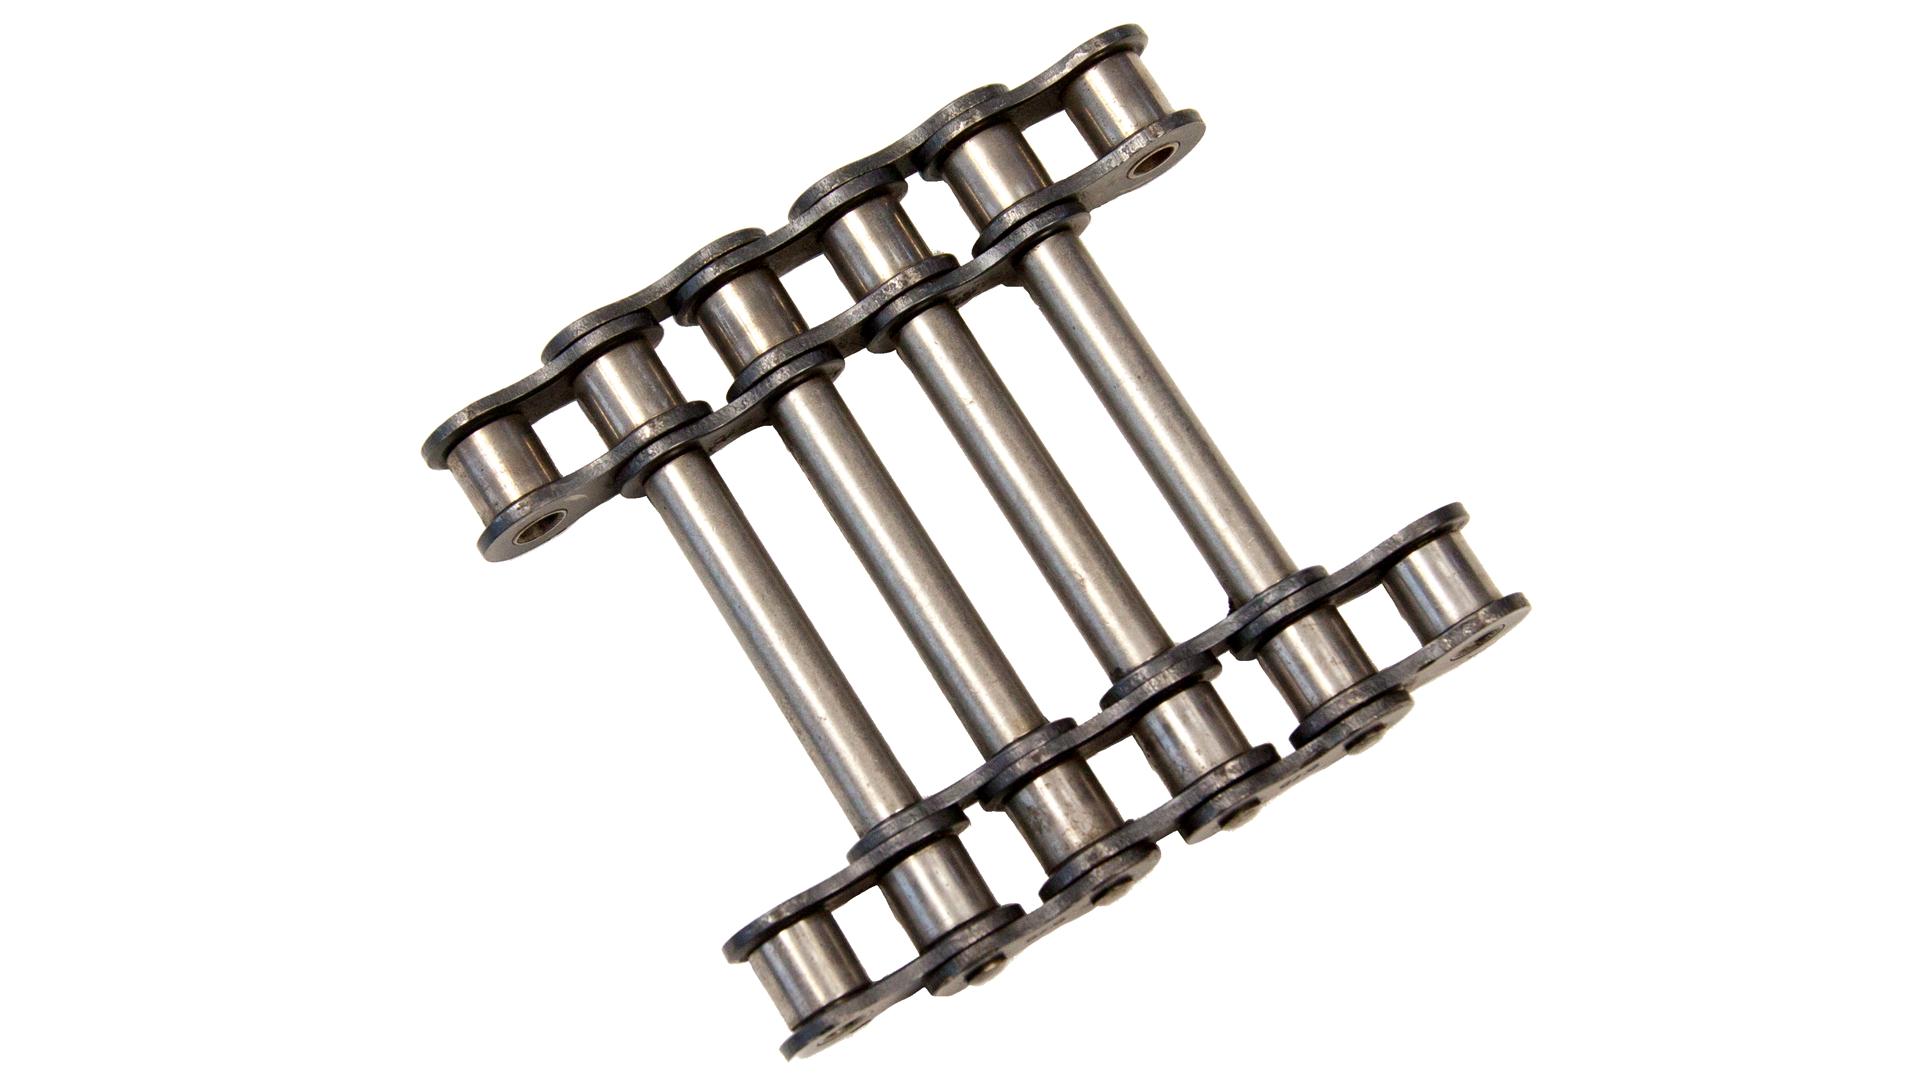 Einfach-Rollenkette (Simplex), doppelsträngig (für Parallellauf) mit durchgehenden Achsen